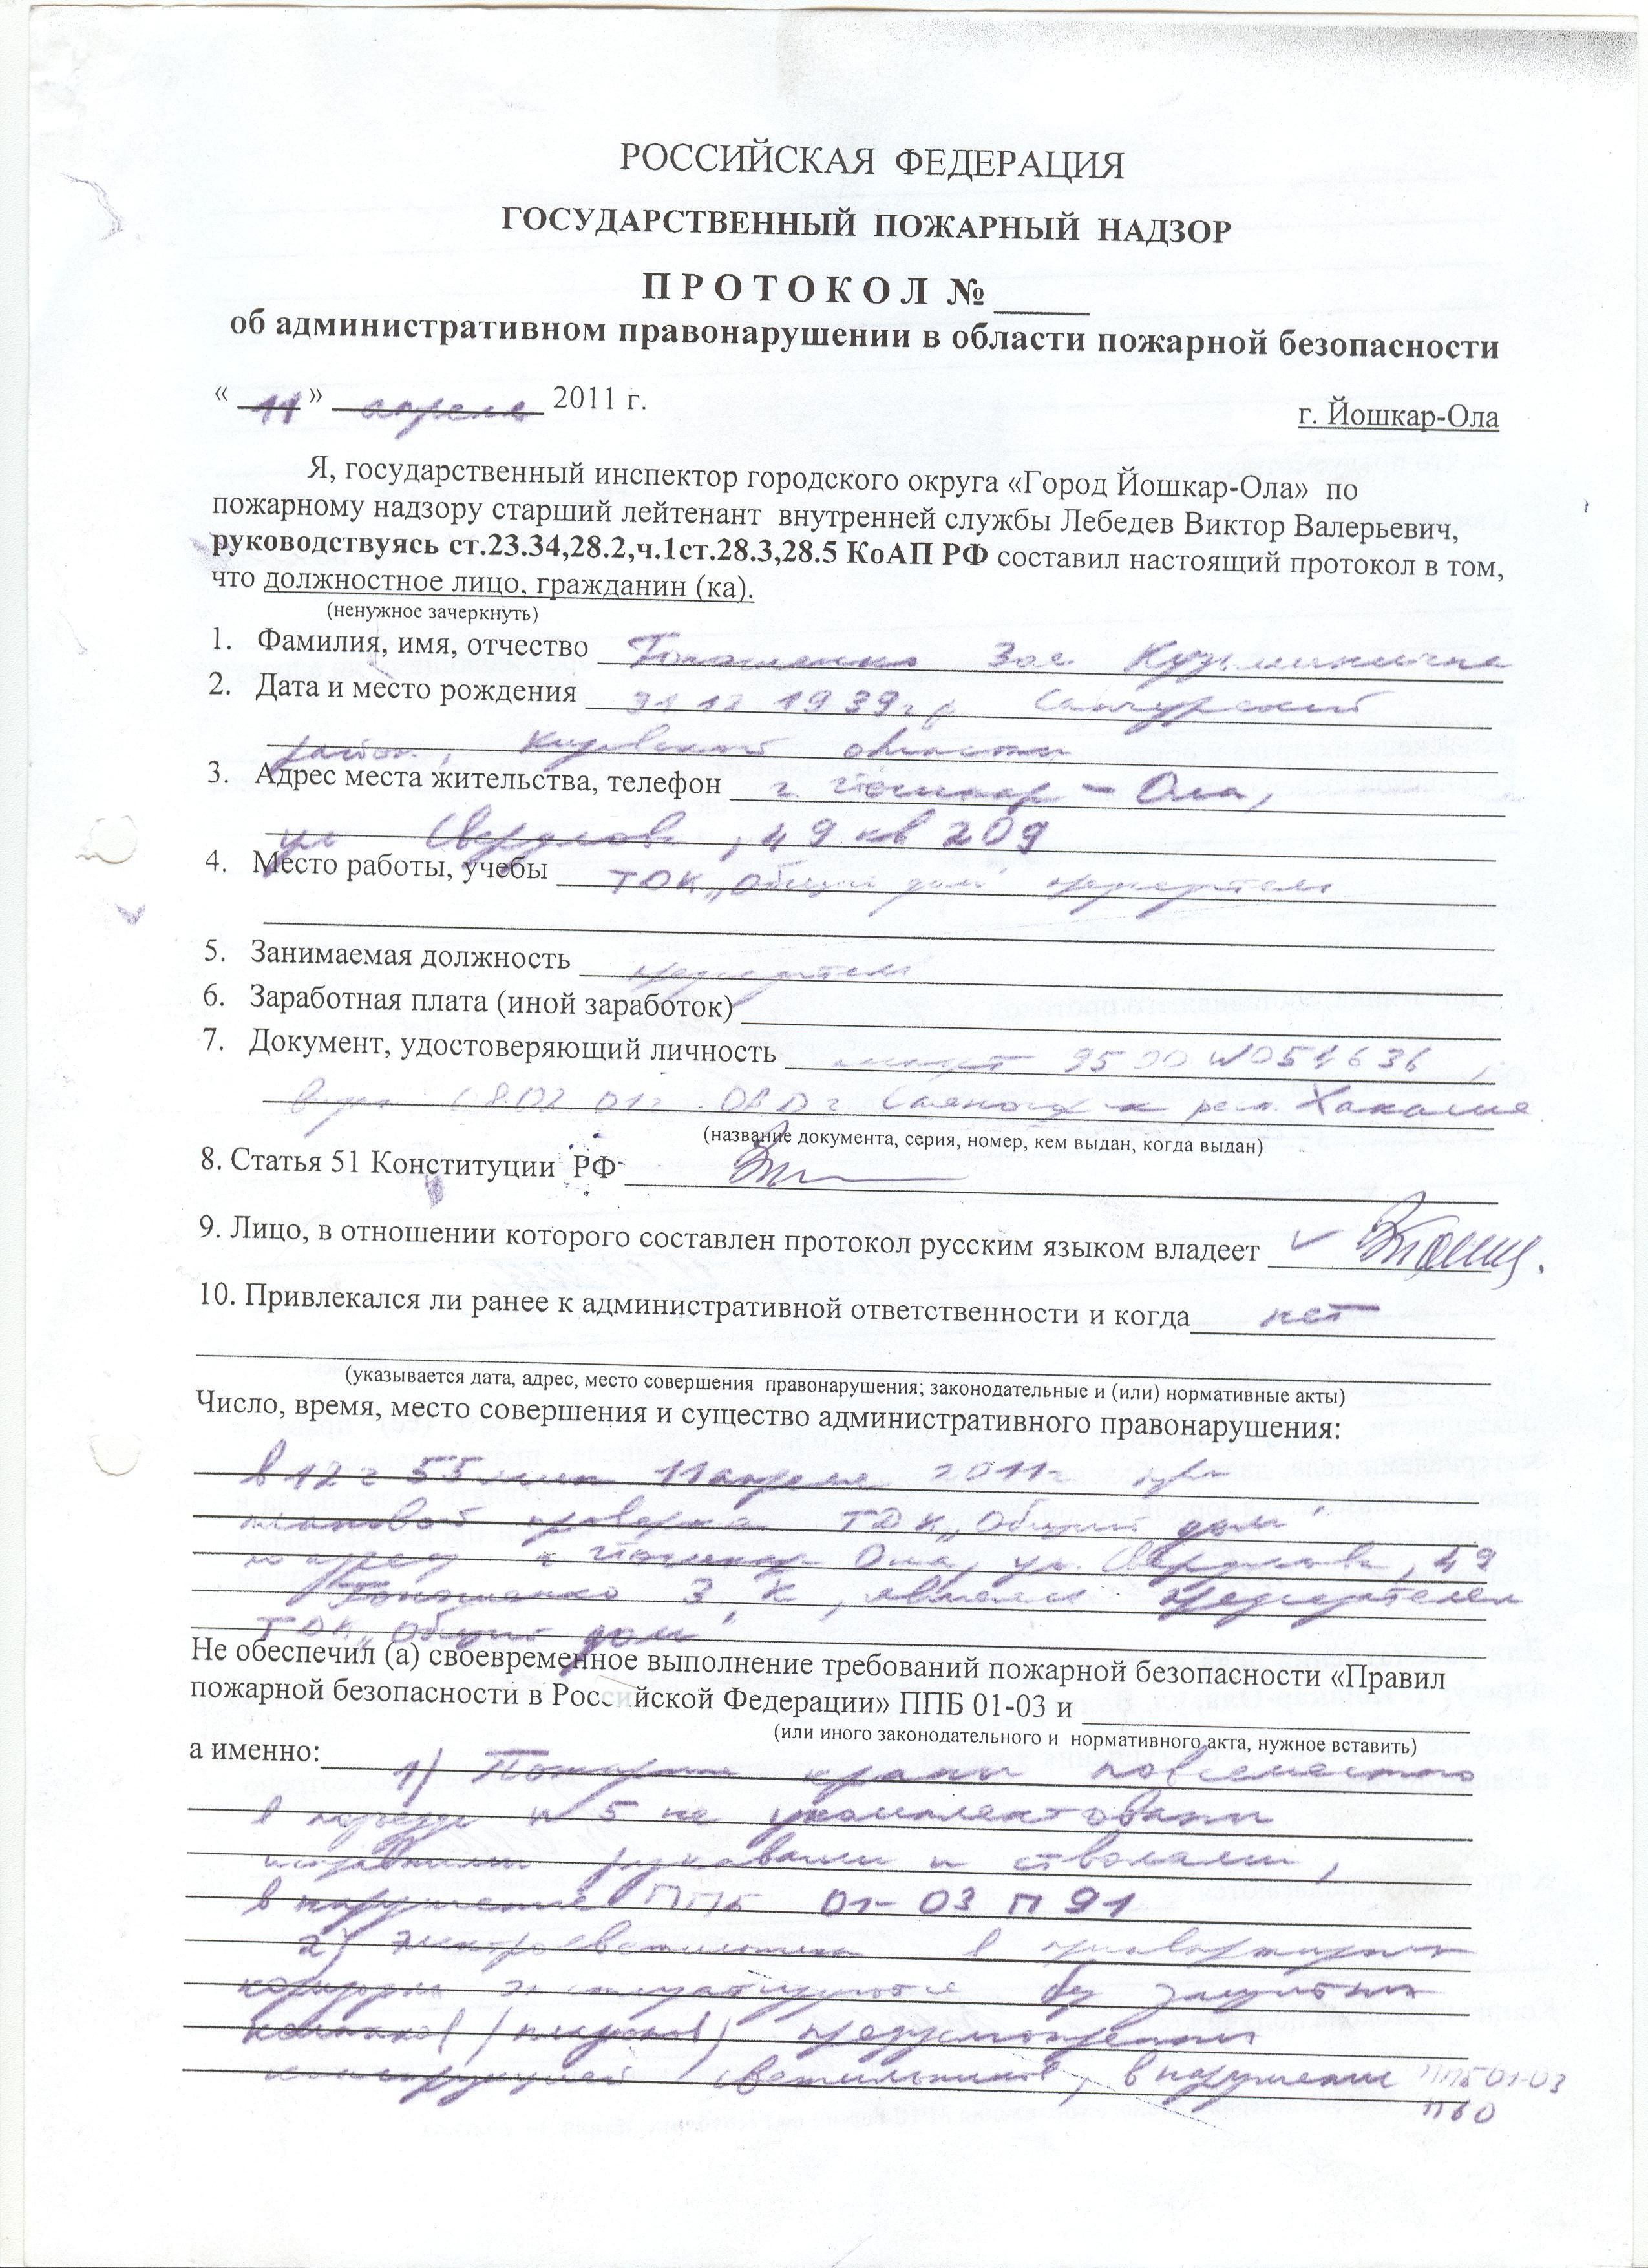 образец составления административного протокола